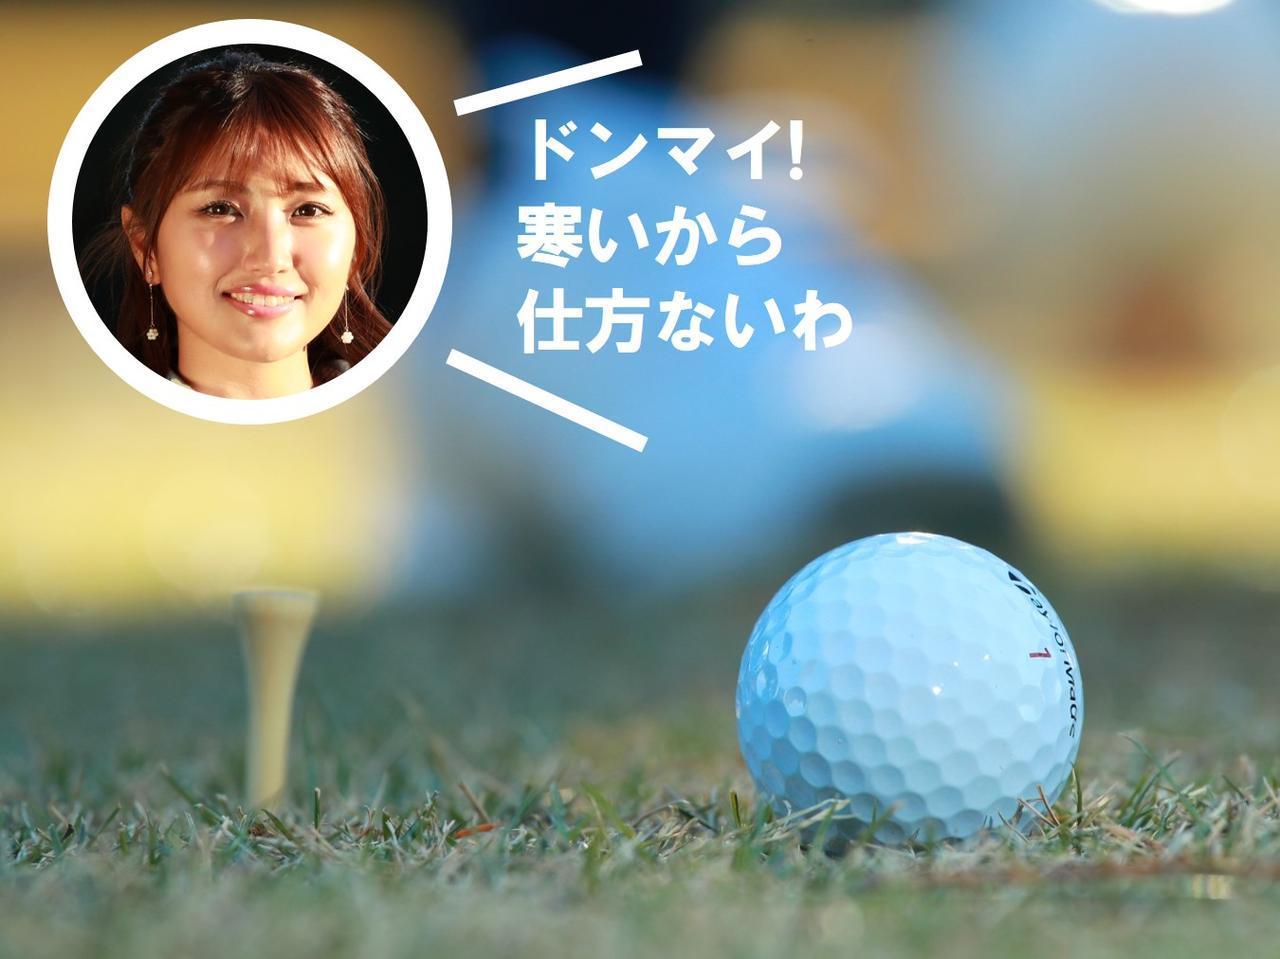 画像2: 【新ルール】空振りでボールがティからポロリ。ティアップして打ち直していいの?